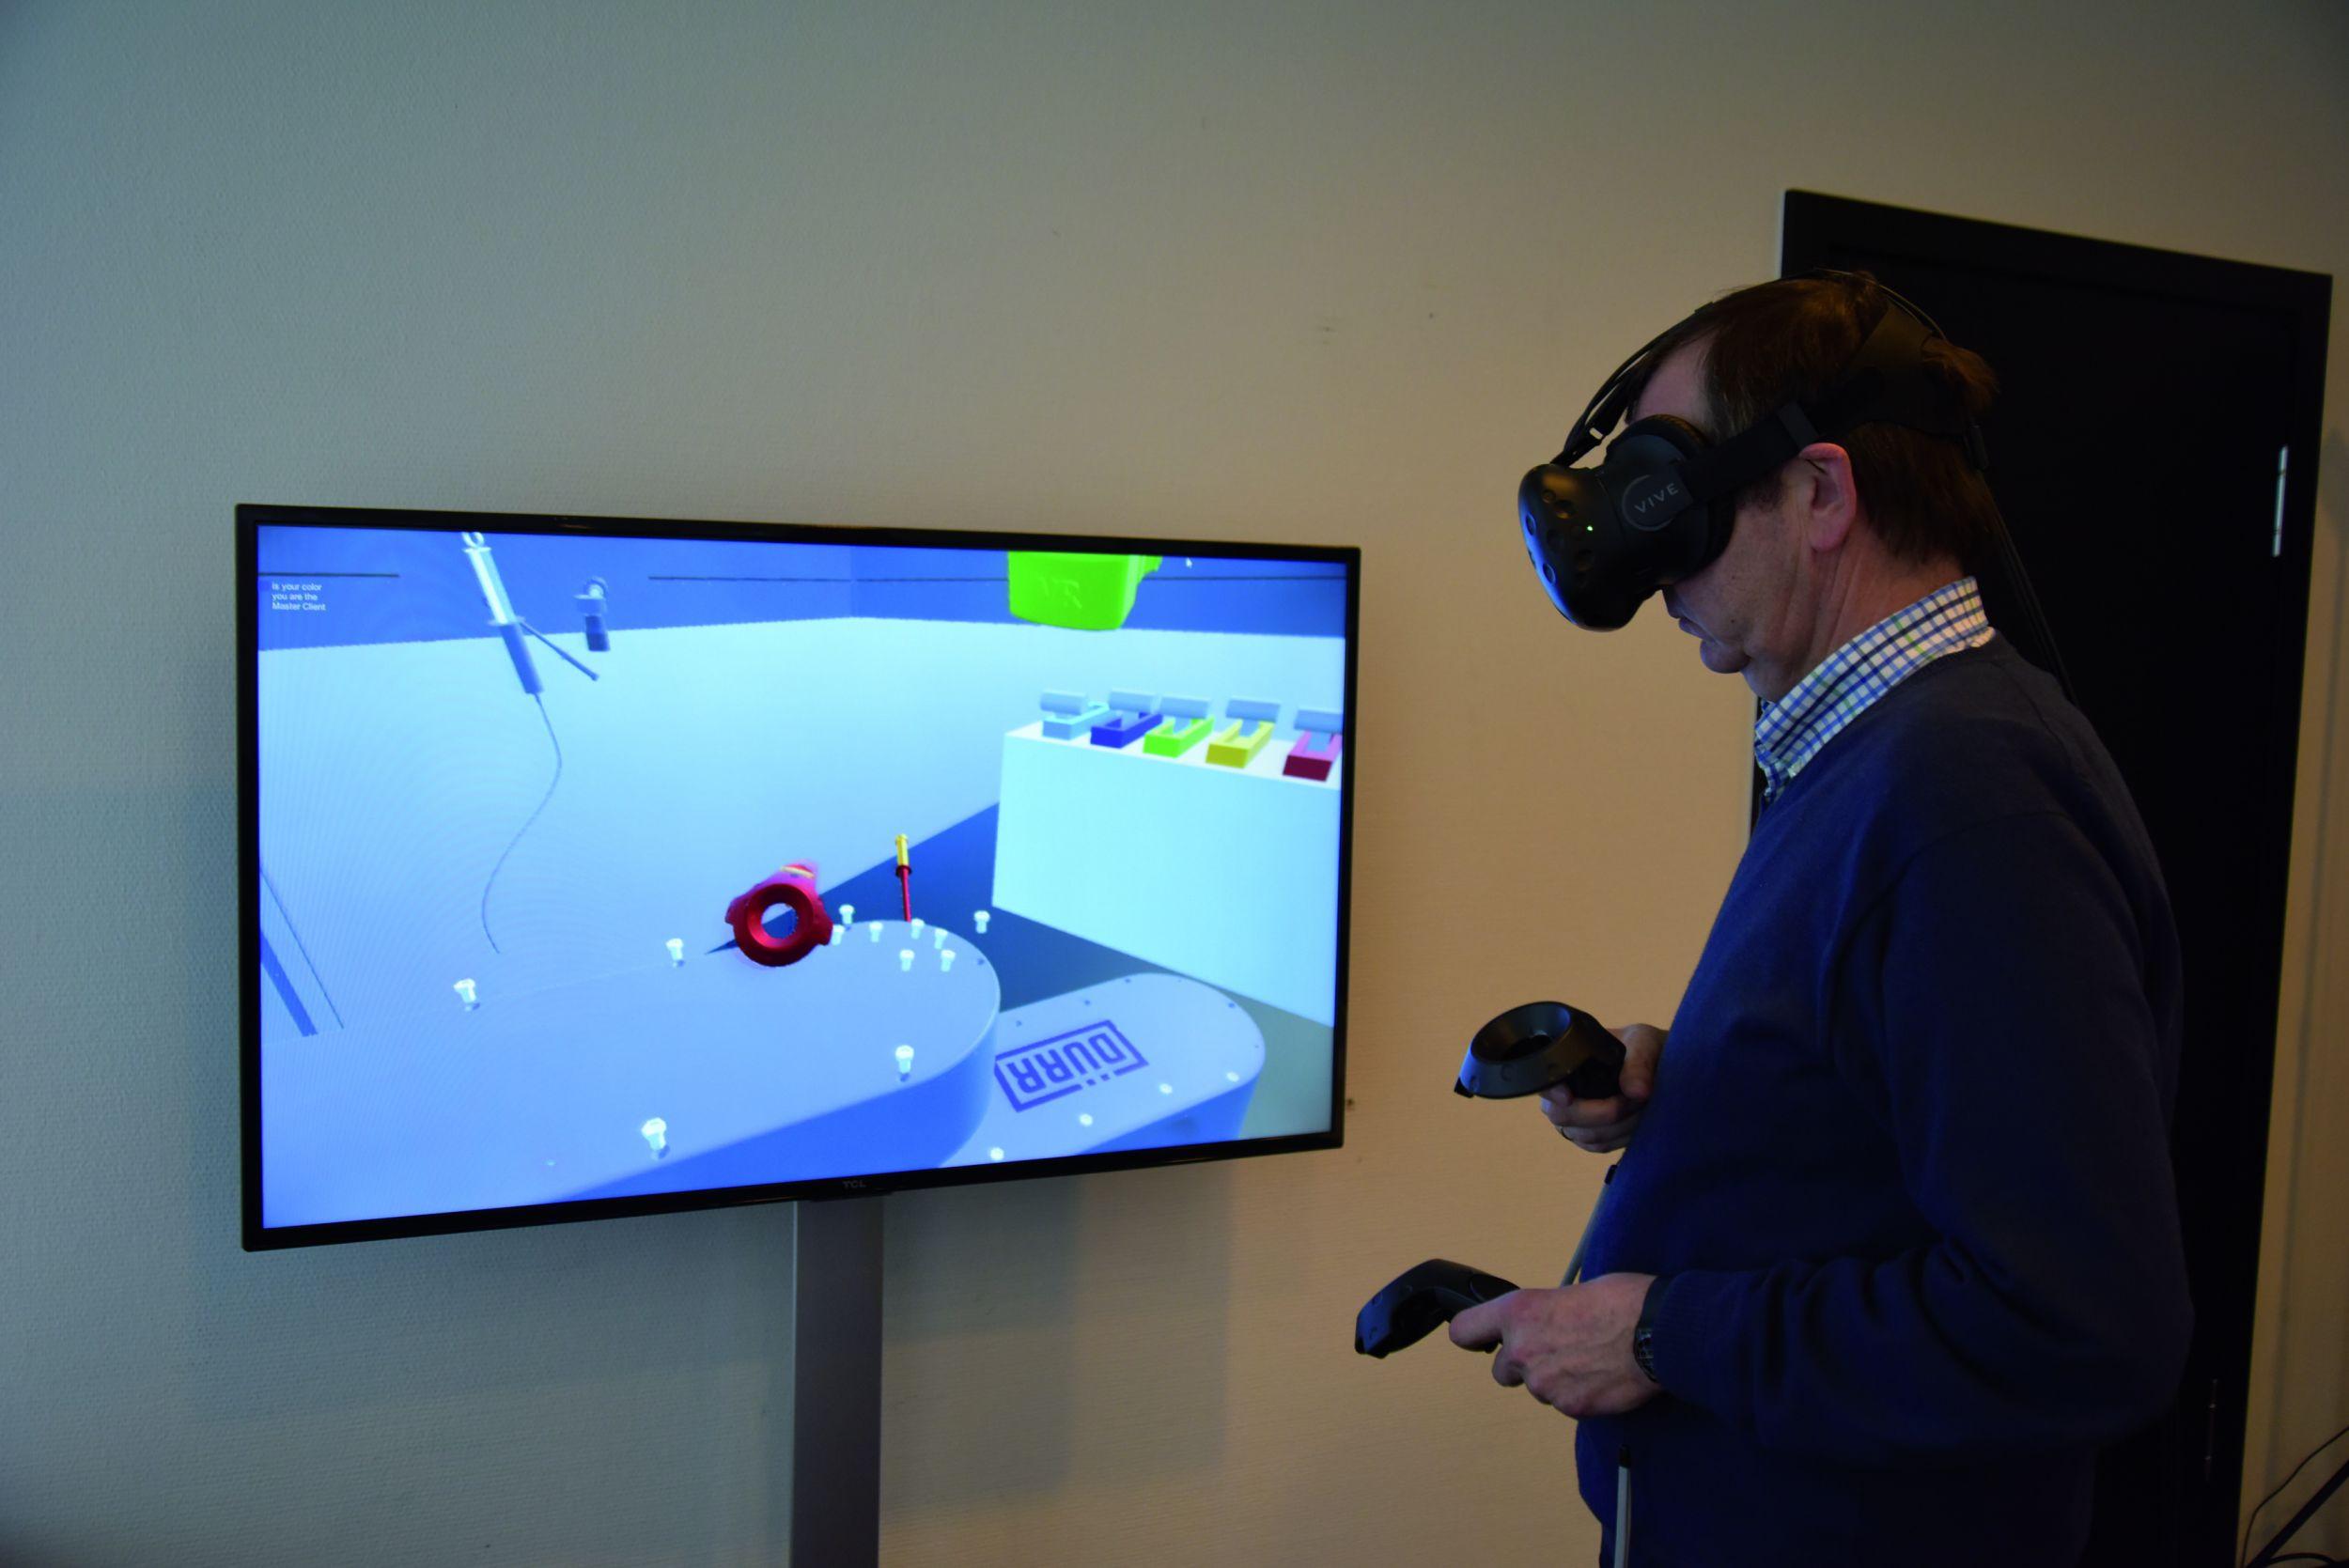 In der virtuellen Welt lernen und entwickeln